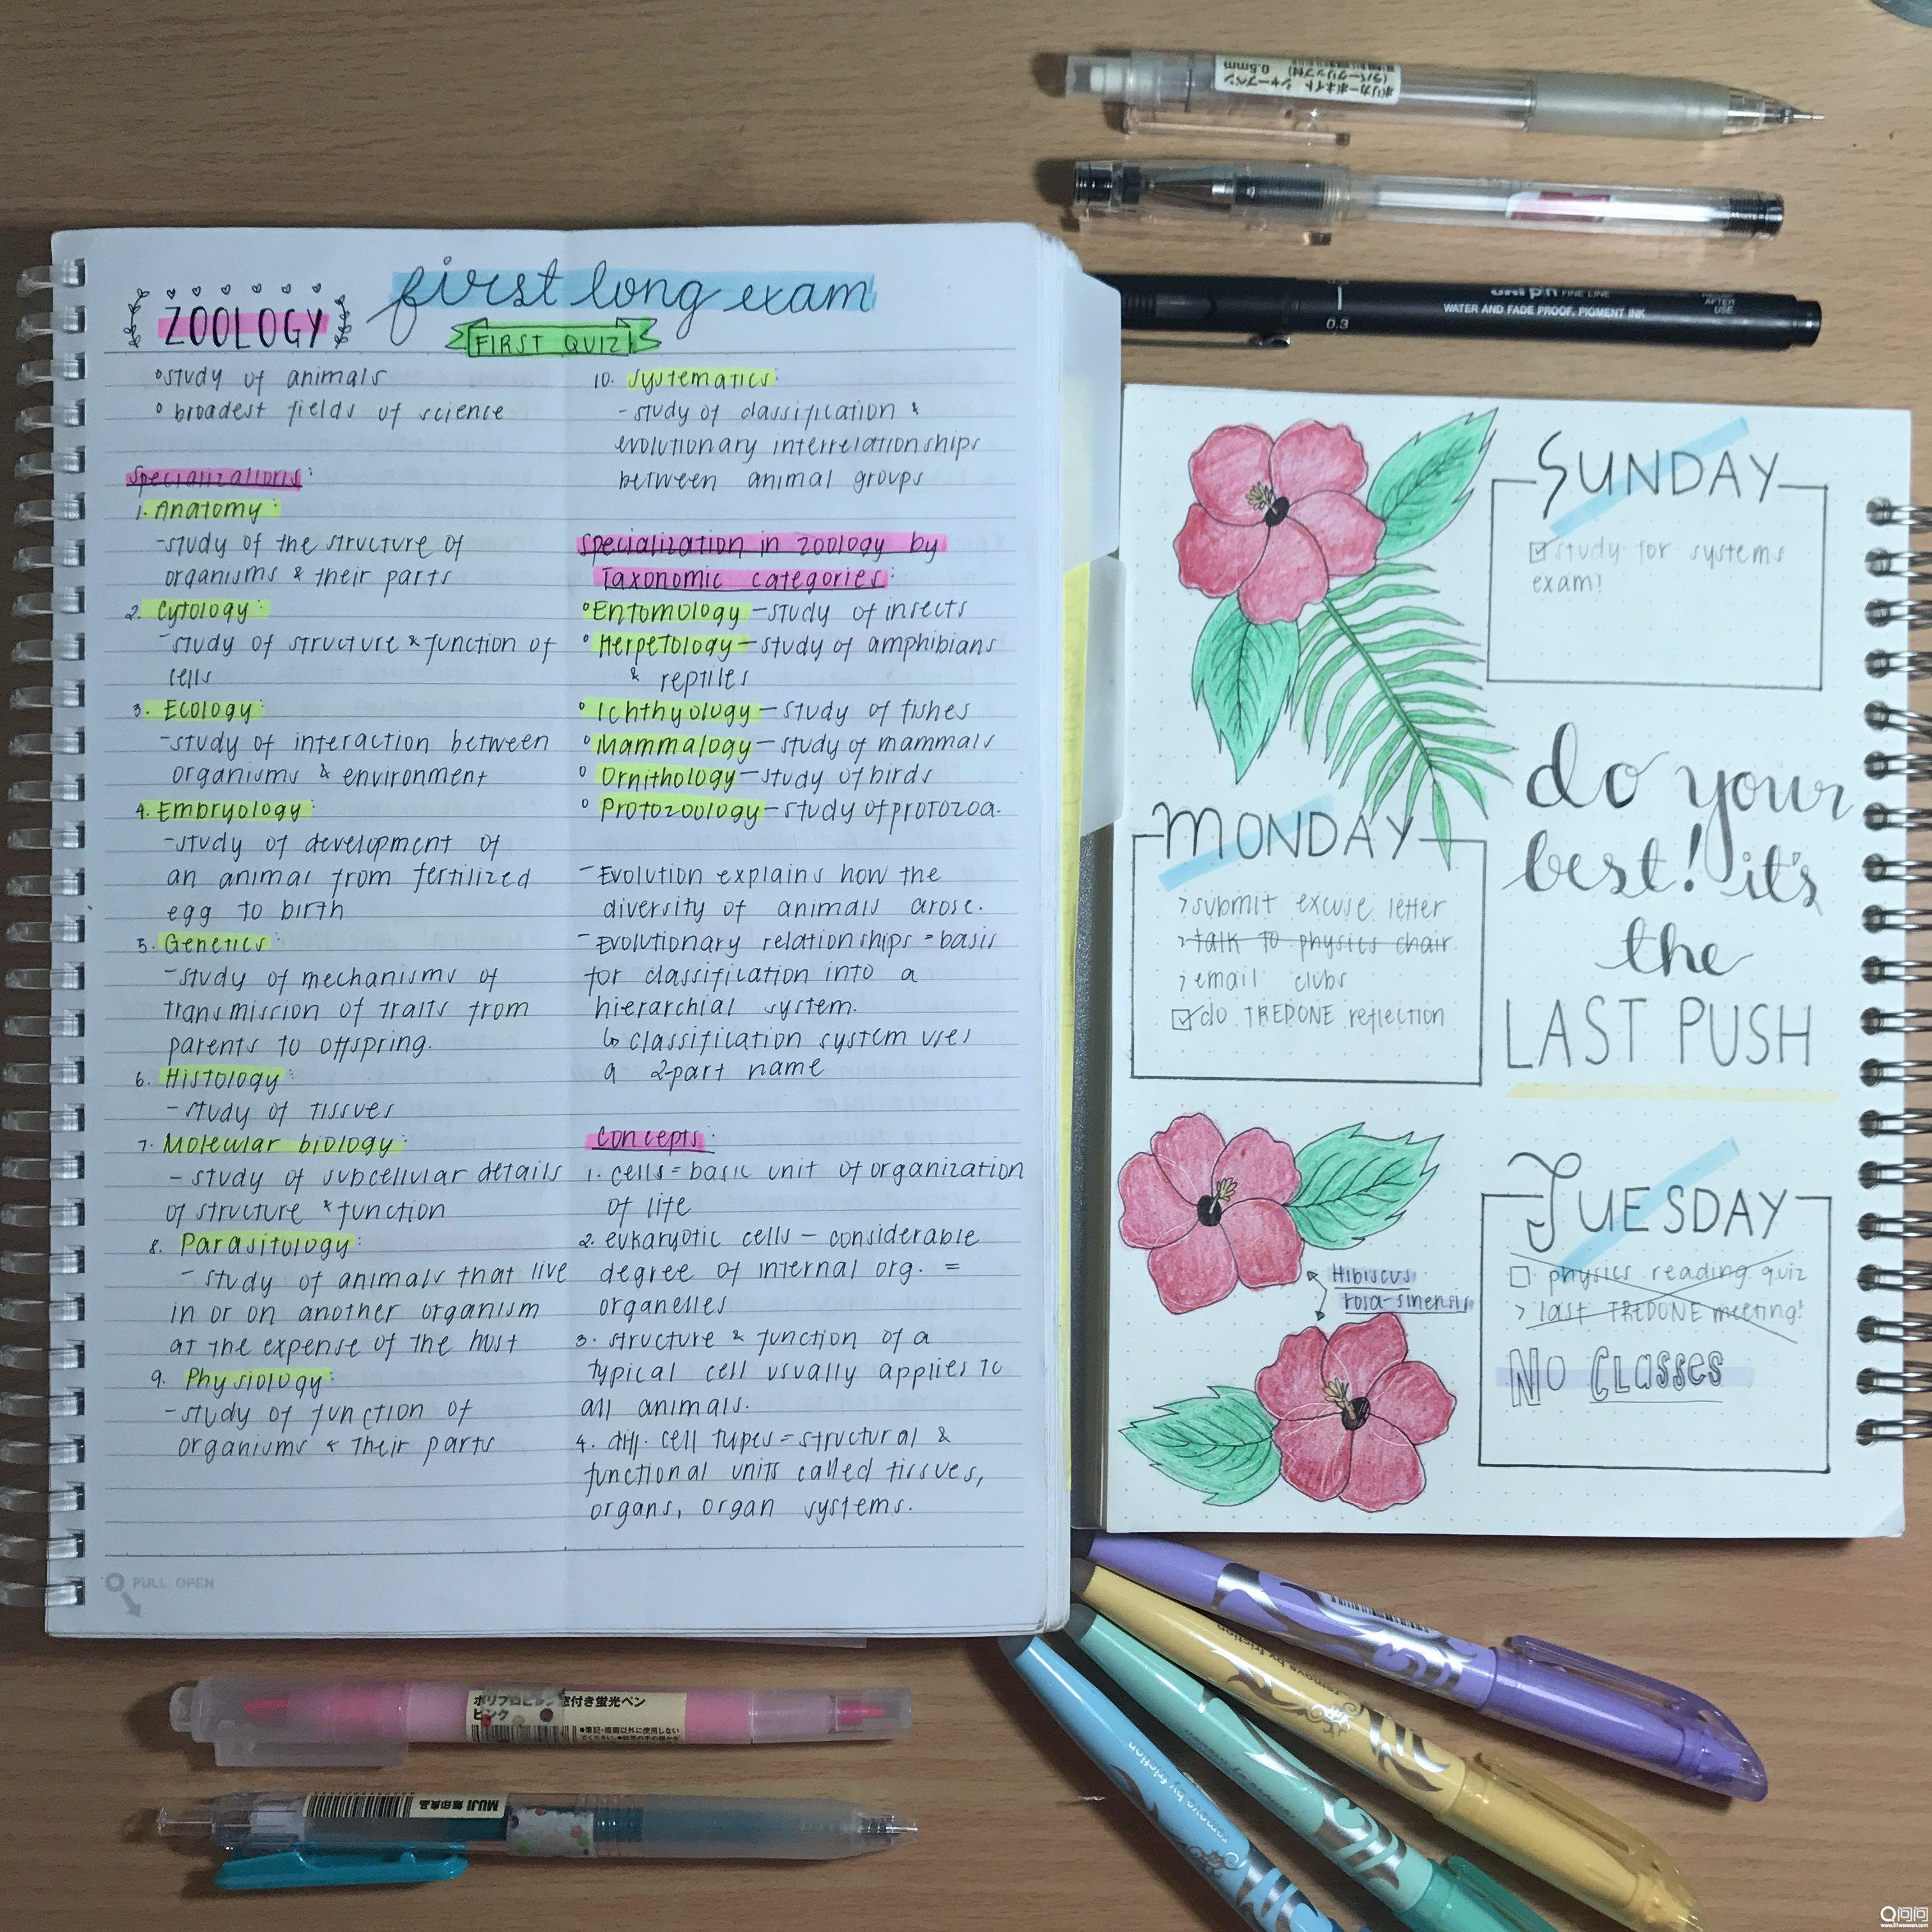 菲律宾大学记笔记2